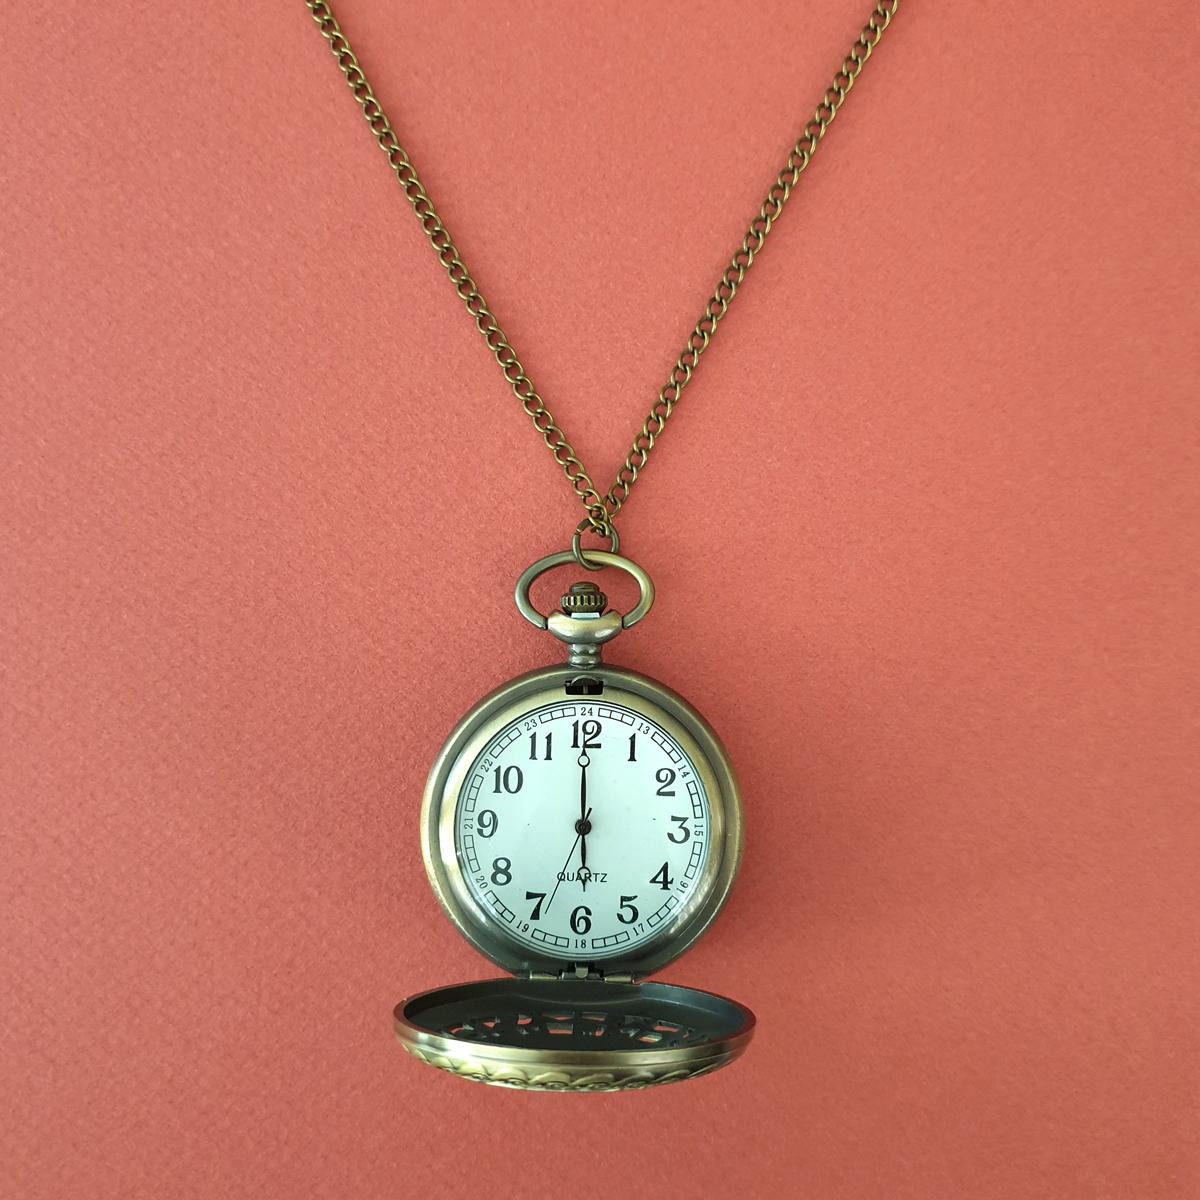 ساعت گردنبندی عقربه ای زنانه طرح جغد كد WCH09              ارزان